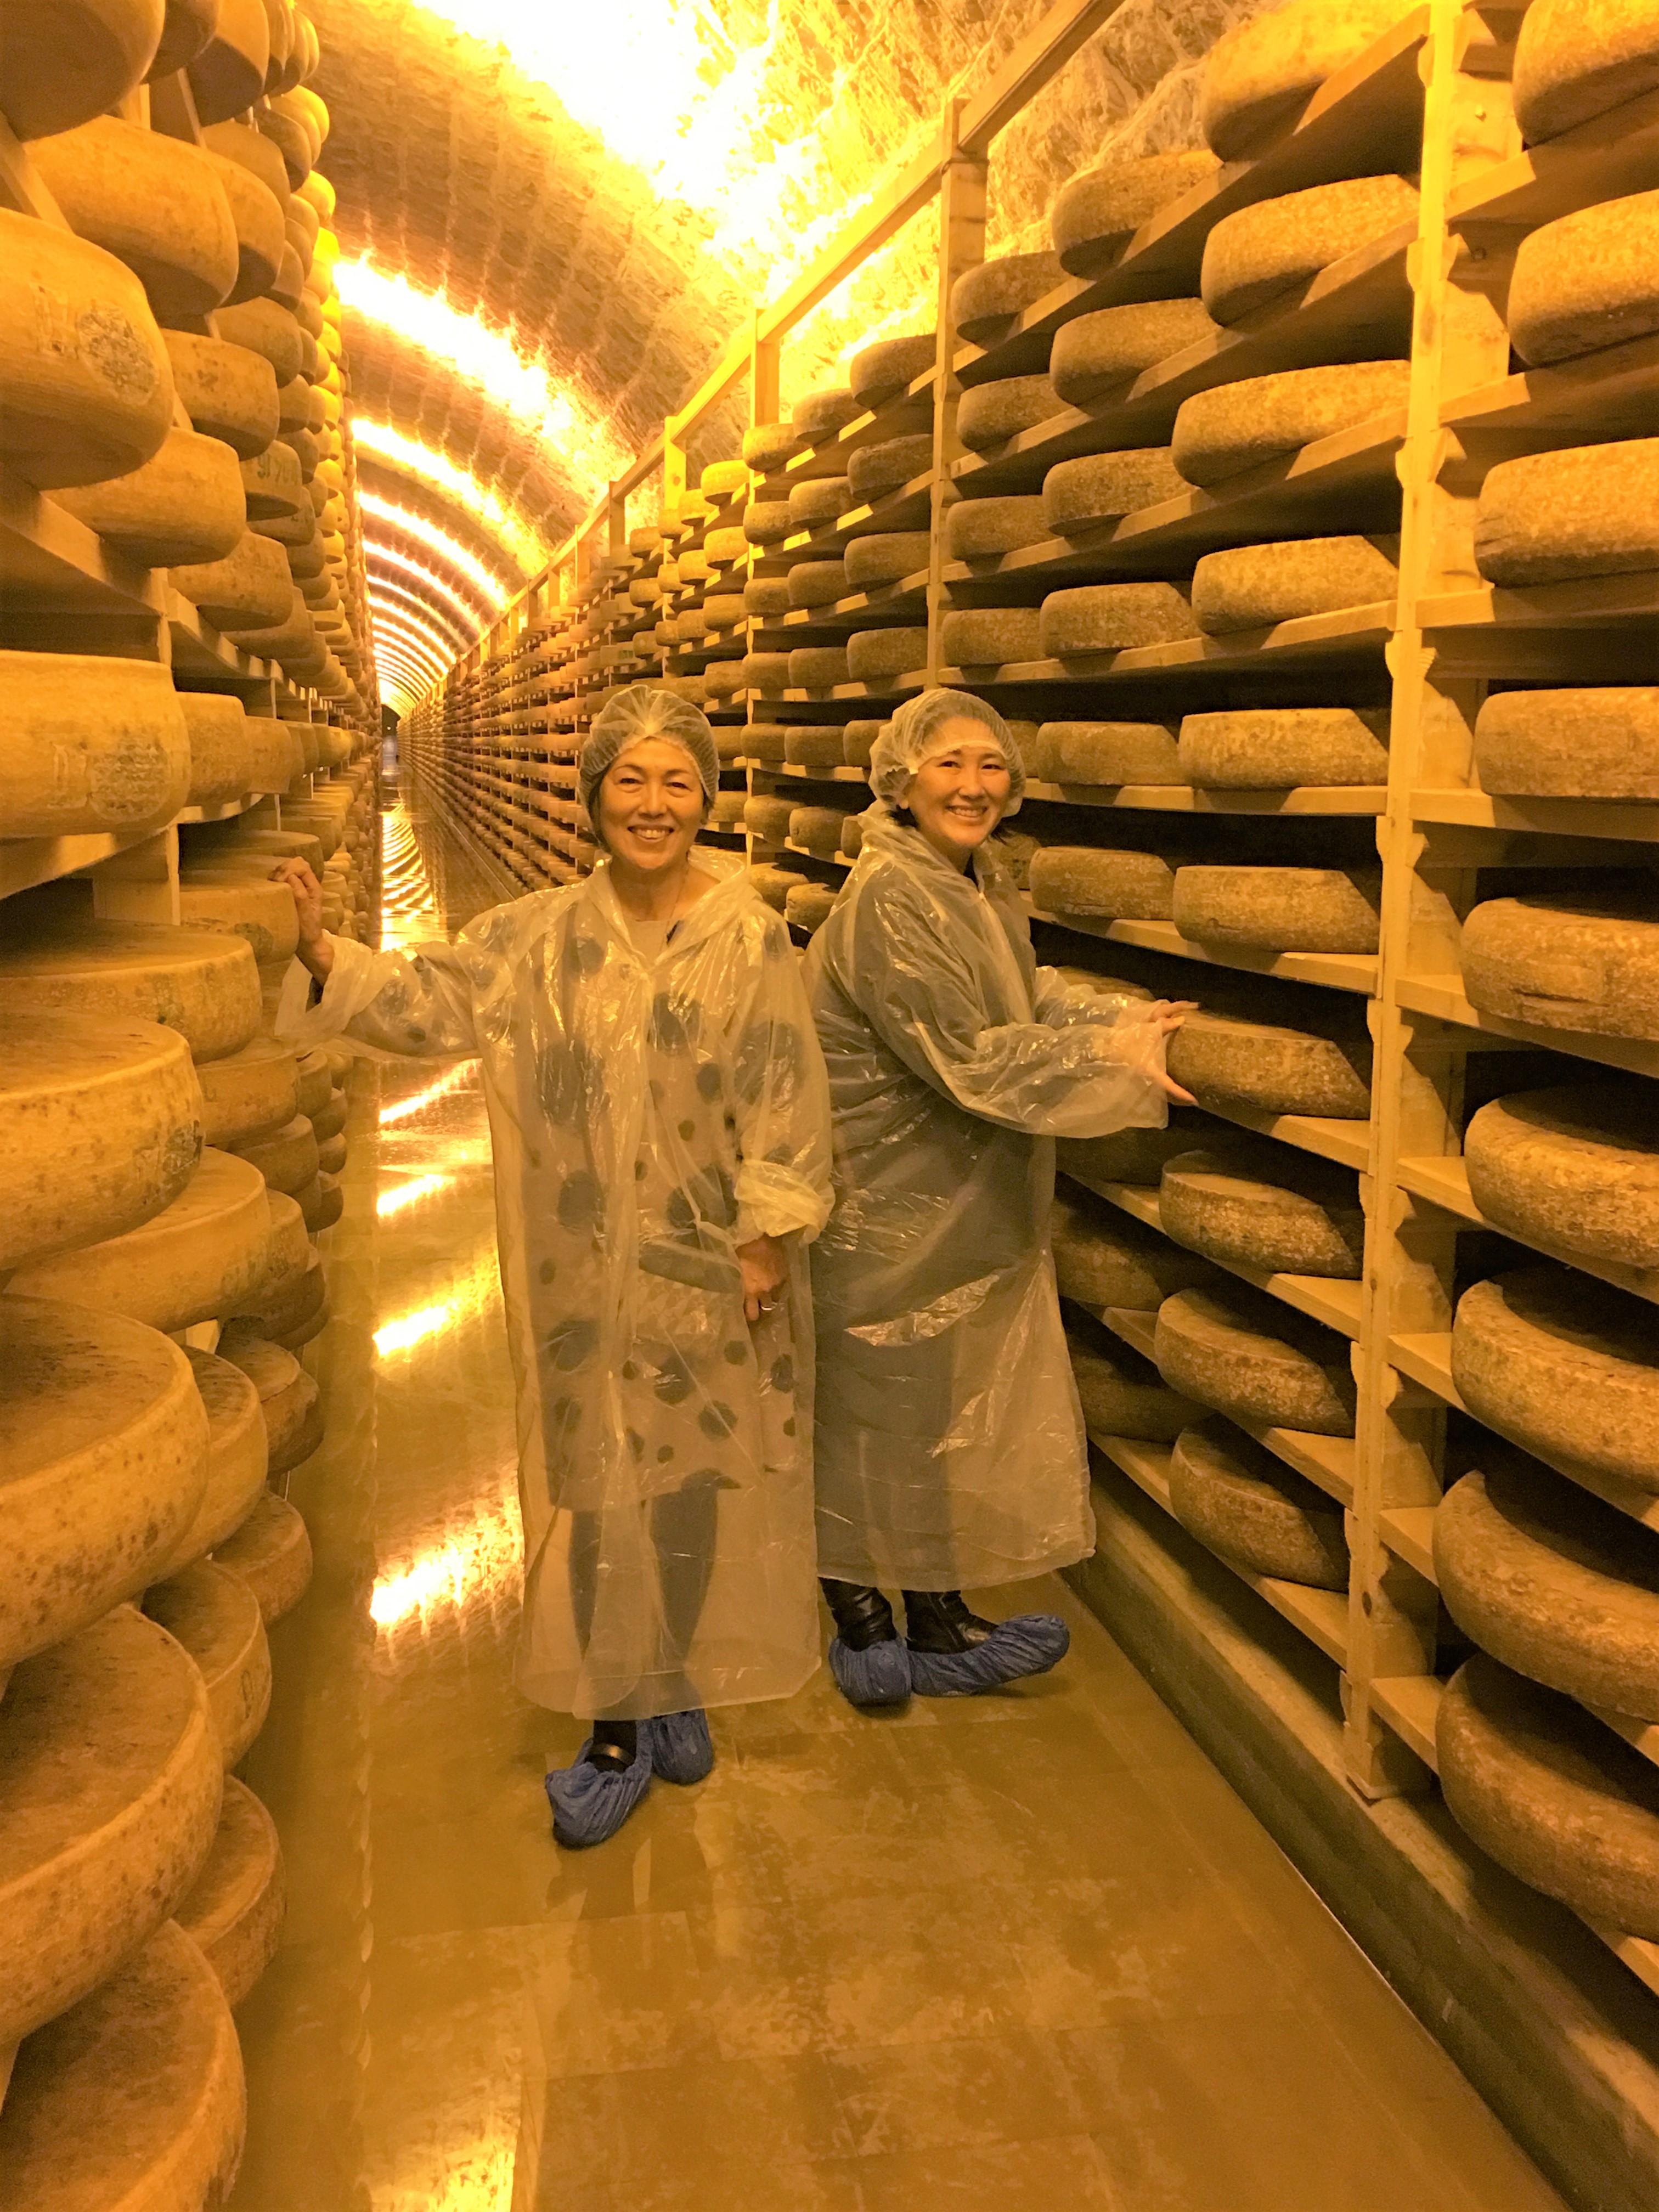 フランスで人気ナンバーワン、「コンテ」チーズの神秘!